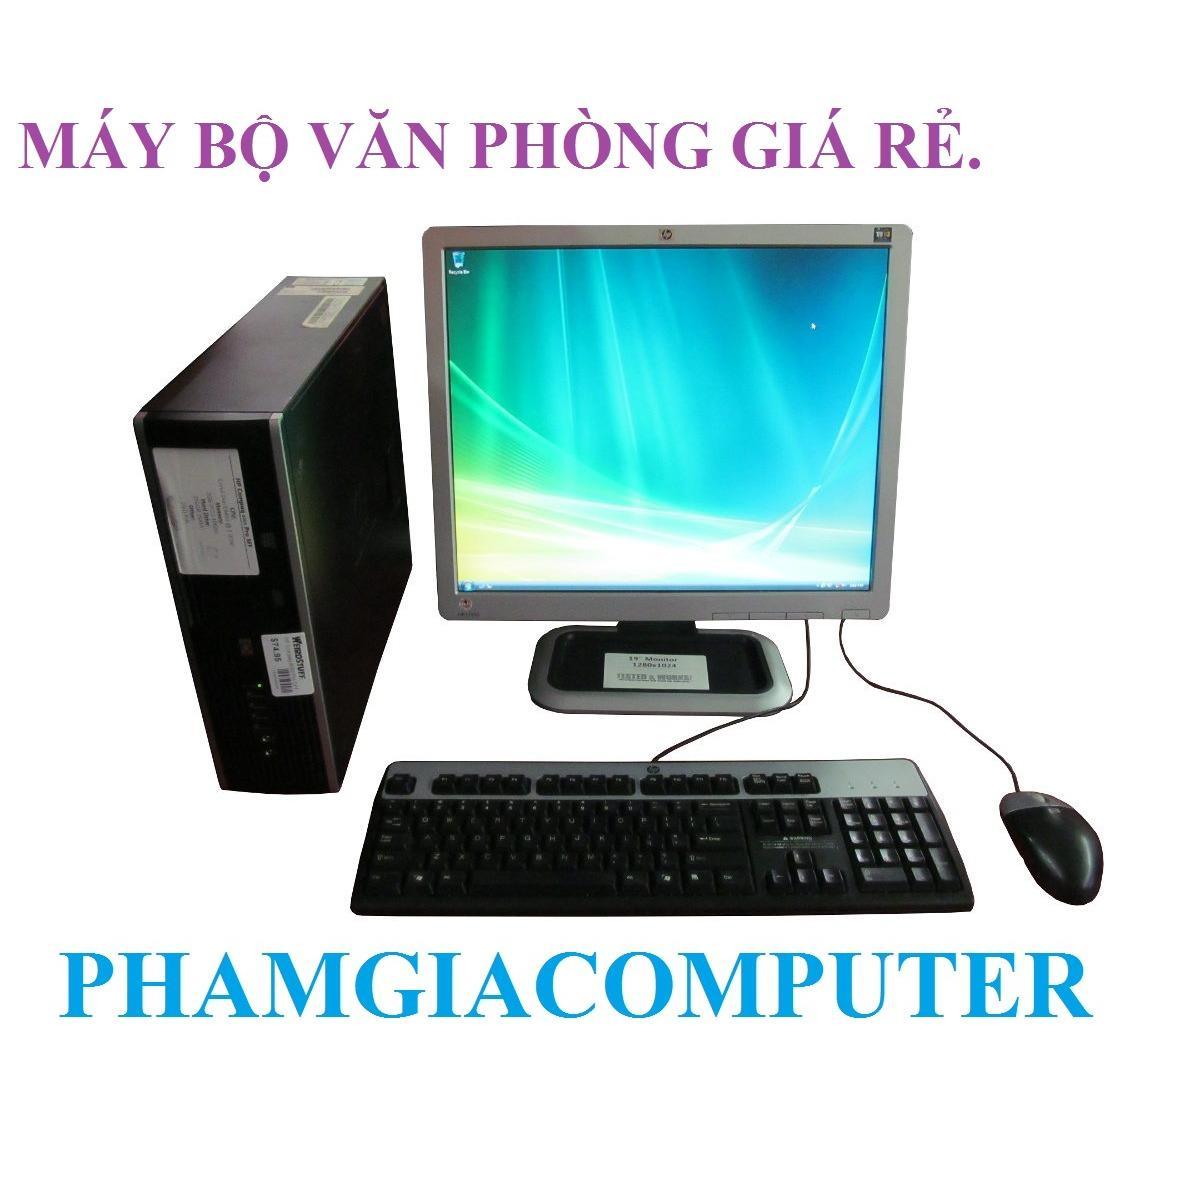 Mua Bộ May Tinh Văn Phong Hp Dc6000 Sff Core E8400 4G 160G Lcd Hp 17In Phim Chuột Rẻ Trong Hồ Chí Minh